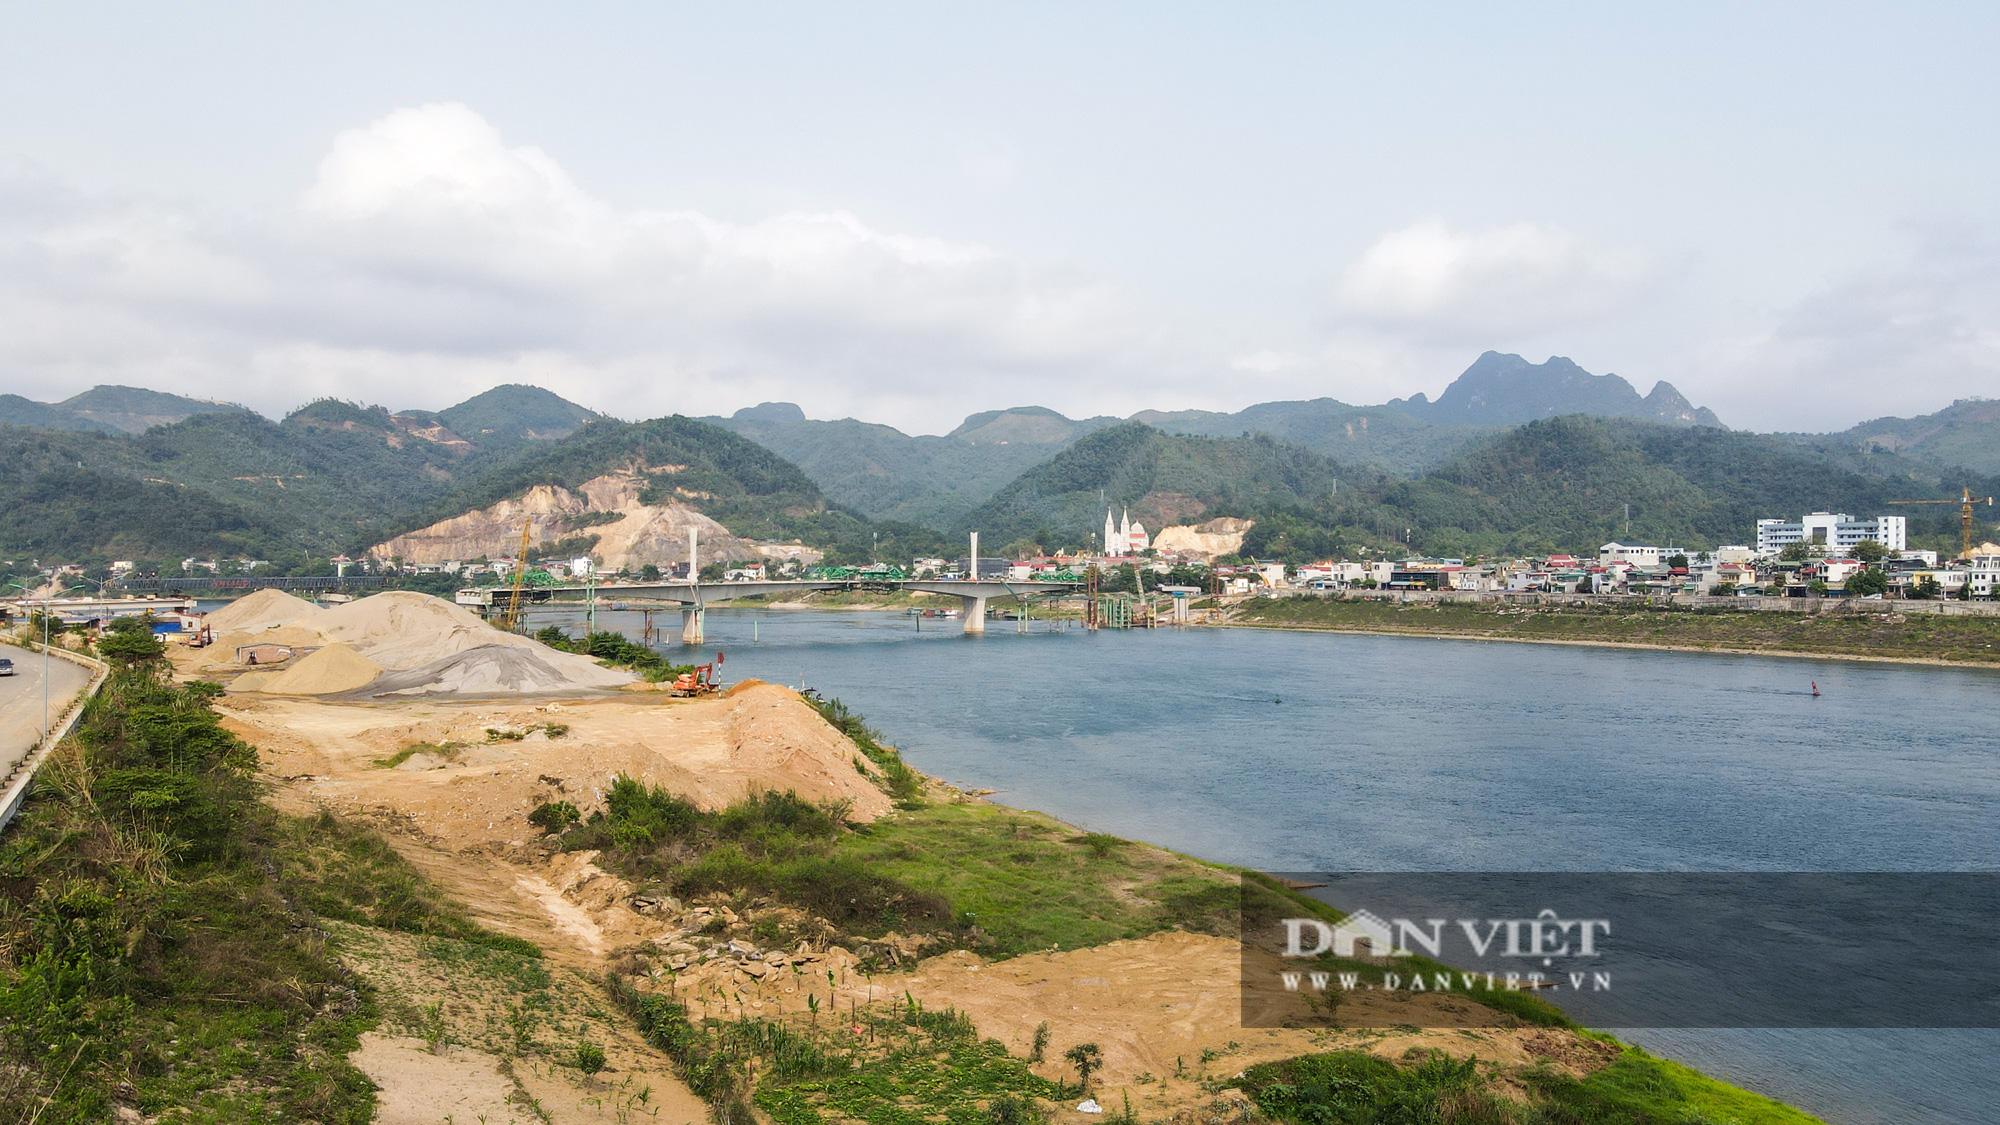 Toàn cảnh cây cầu Hoà Bình 2 trị giá gần 600 tỷ bắc qua sông Đà - Ảnh 5.